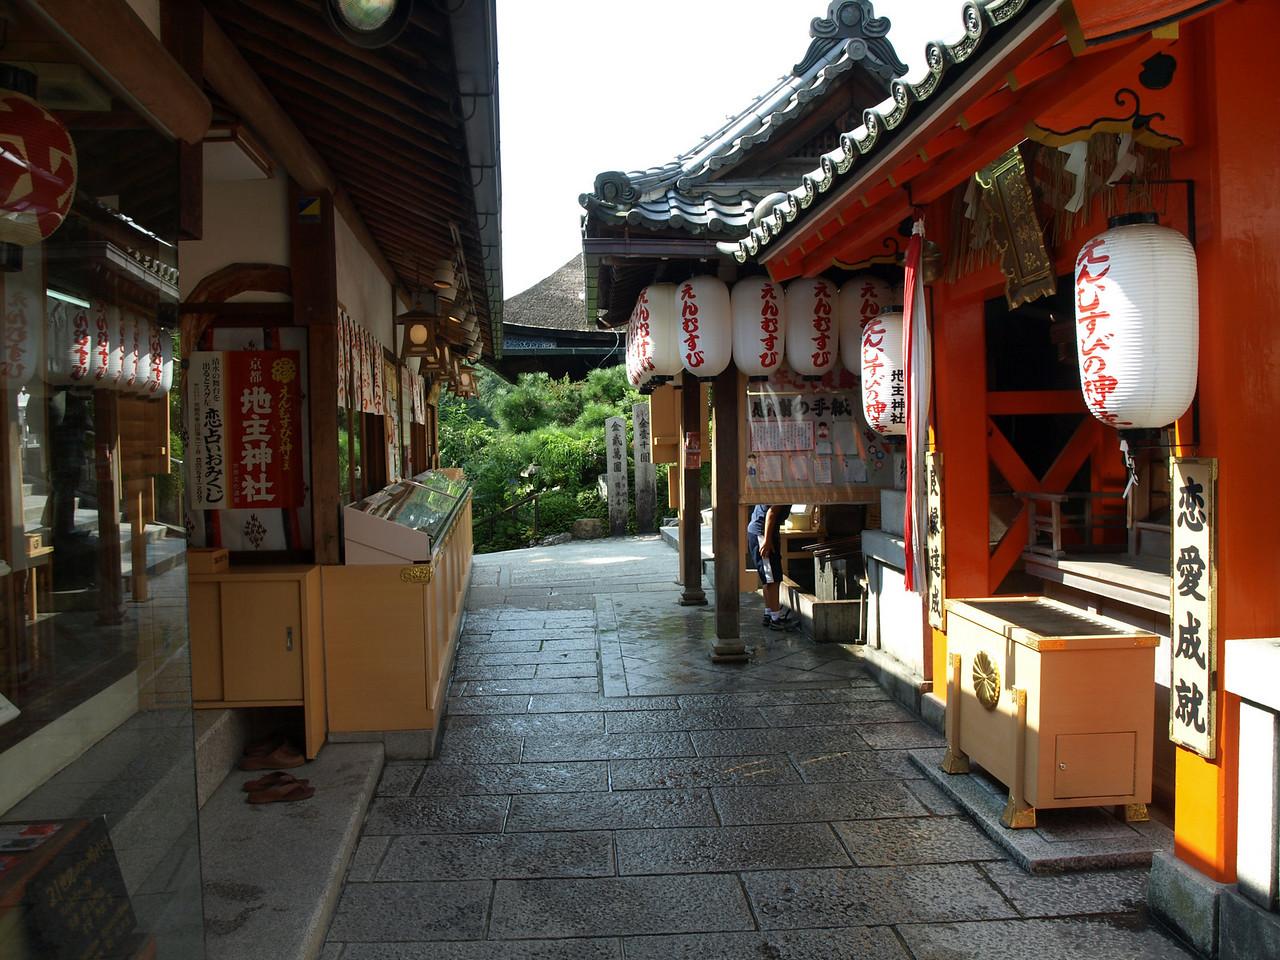 Various scenes from Jishu Shrine